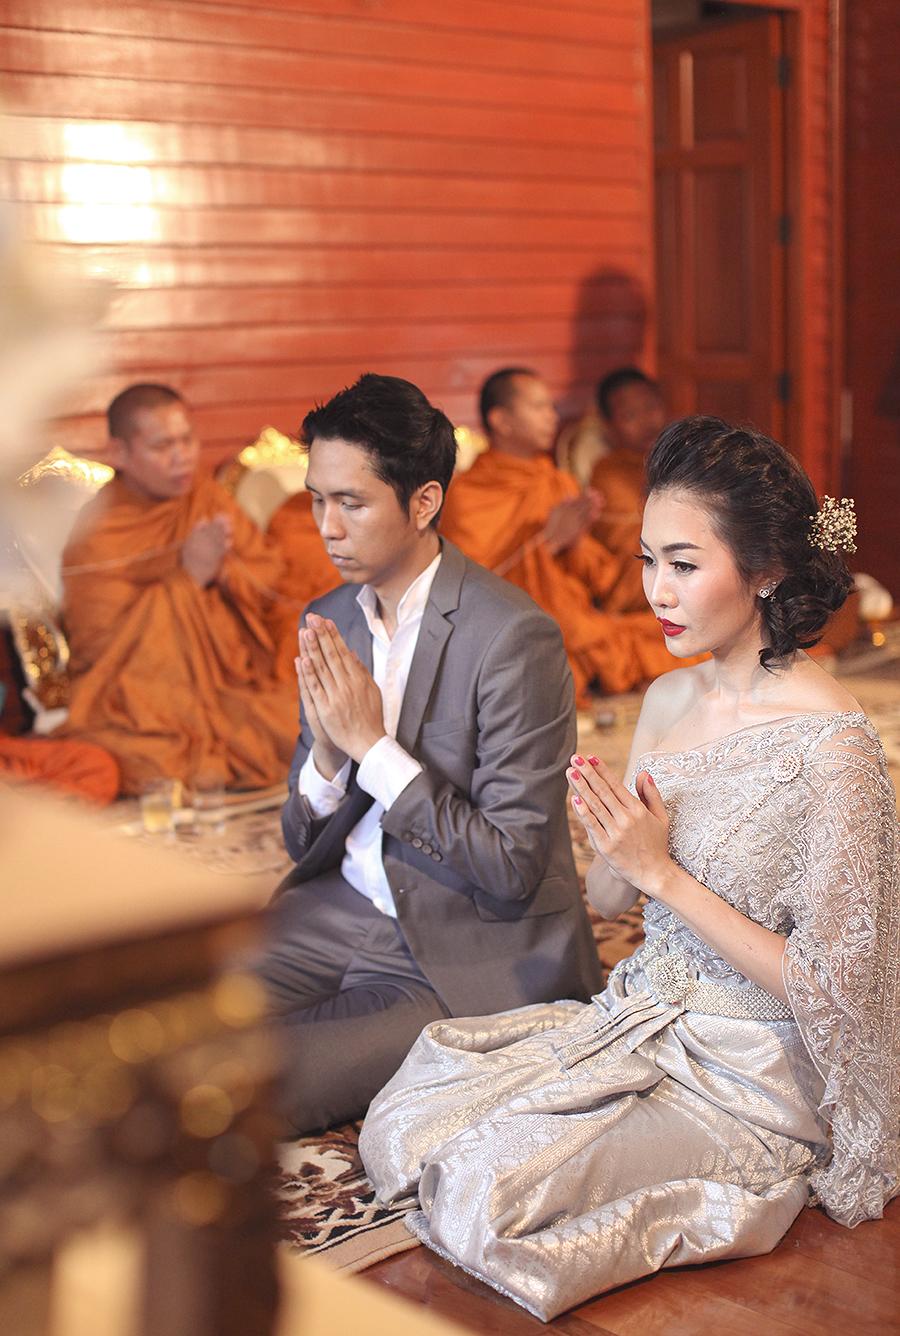 bangkok thailand wedding photography by kurt ahs . ruj+tai . 6259.jpg